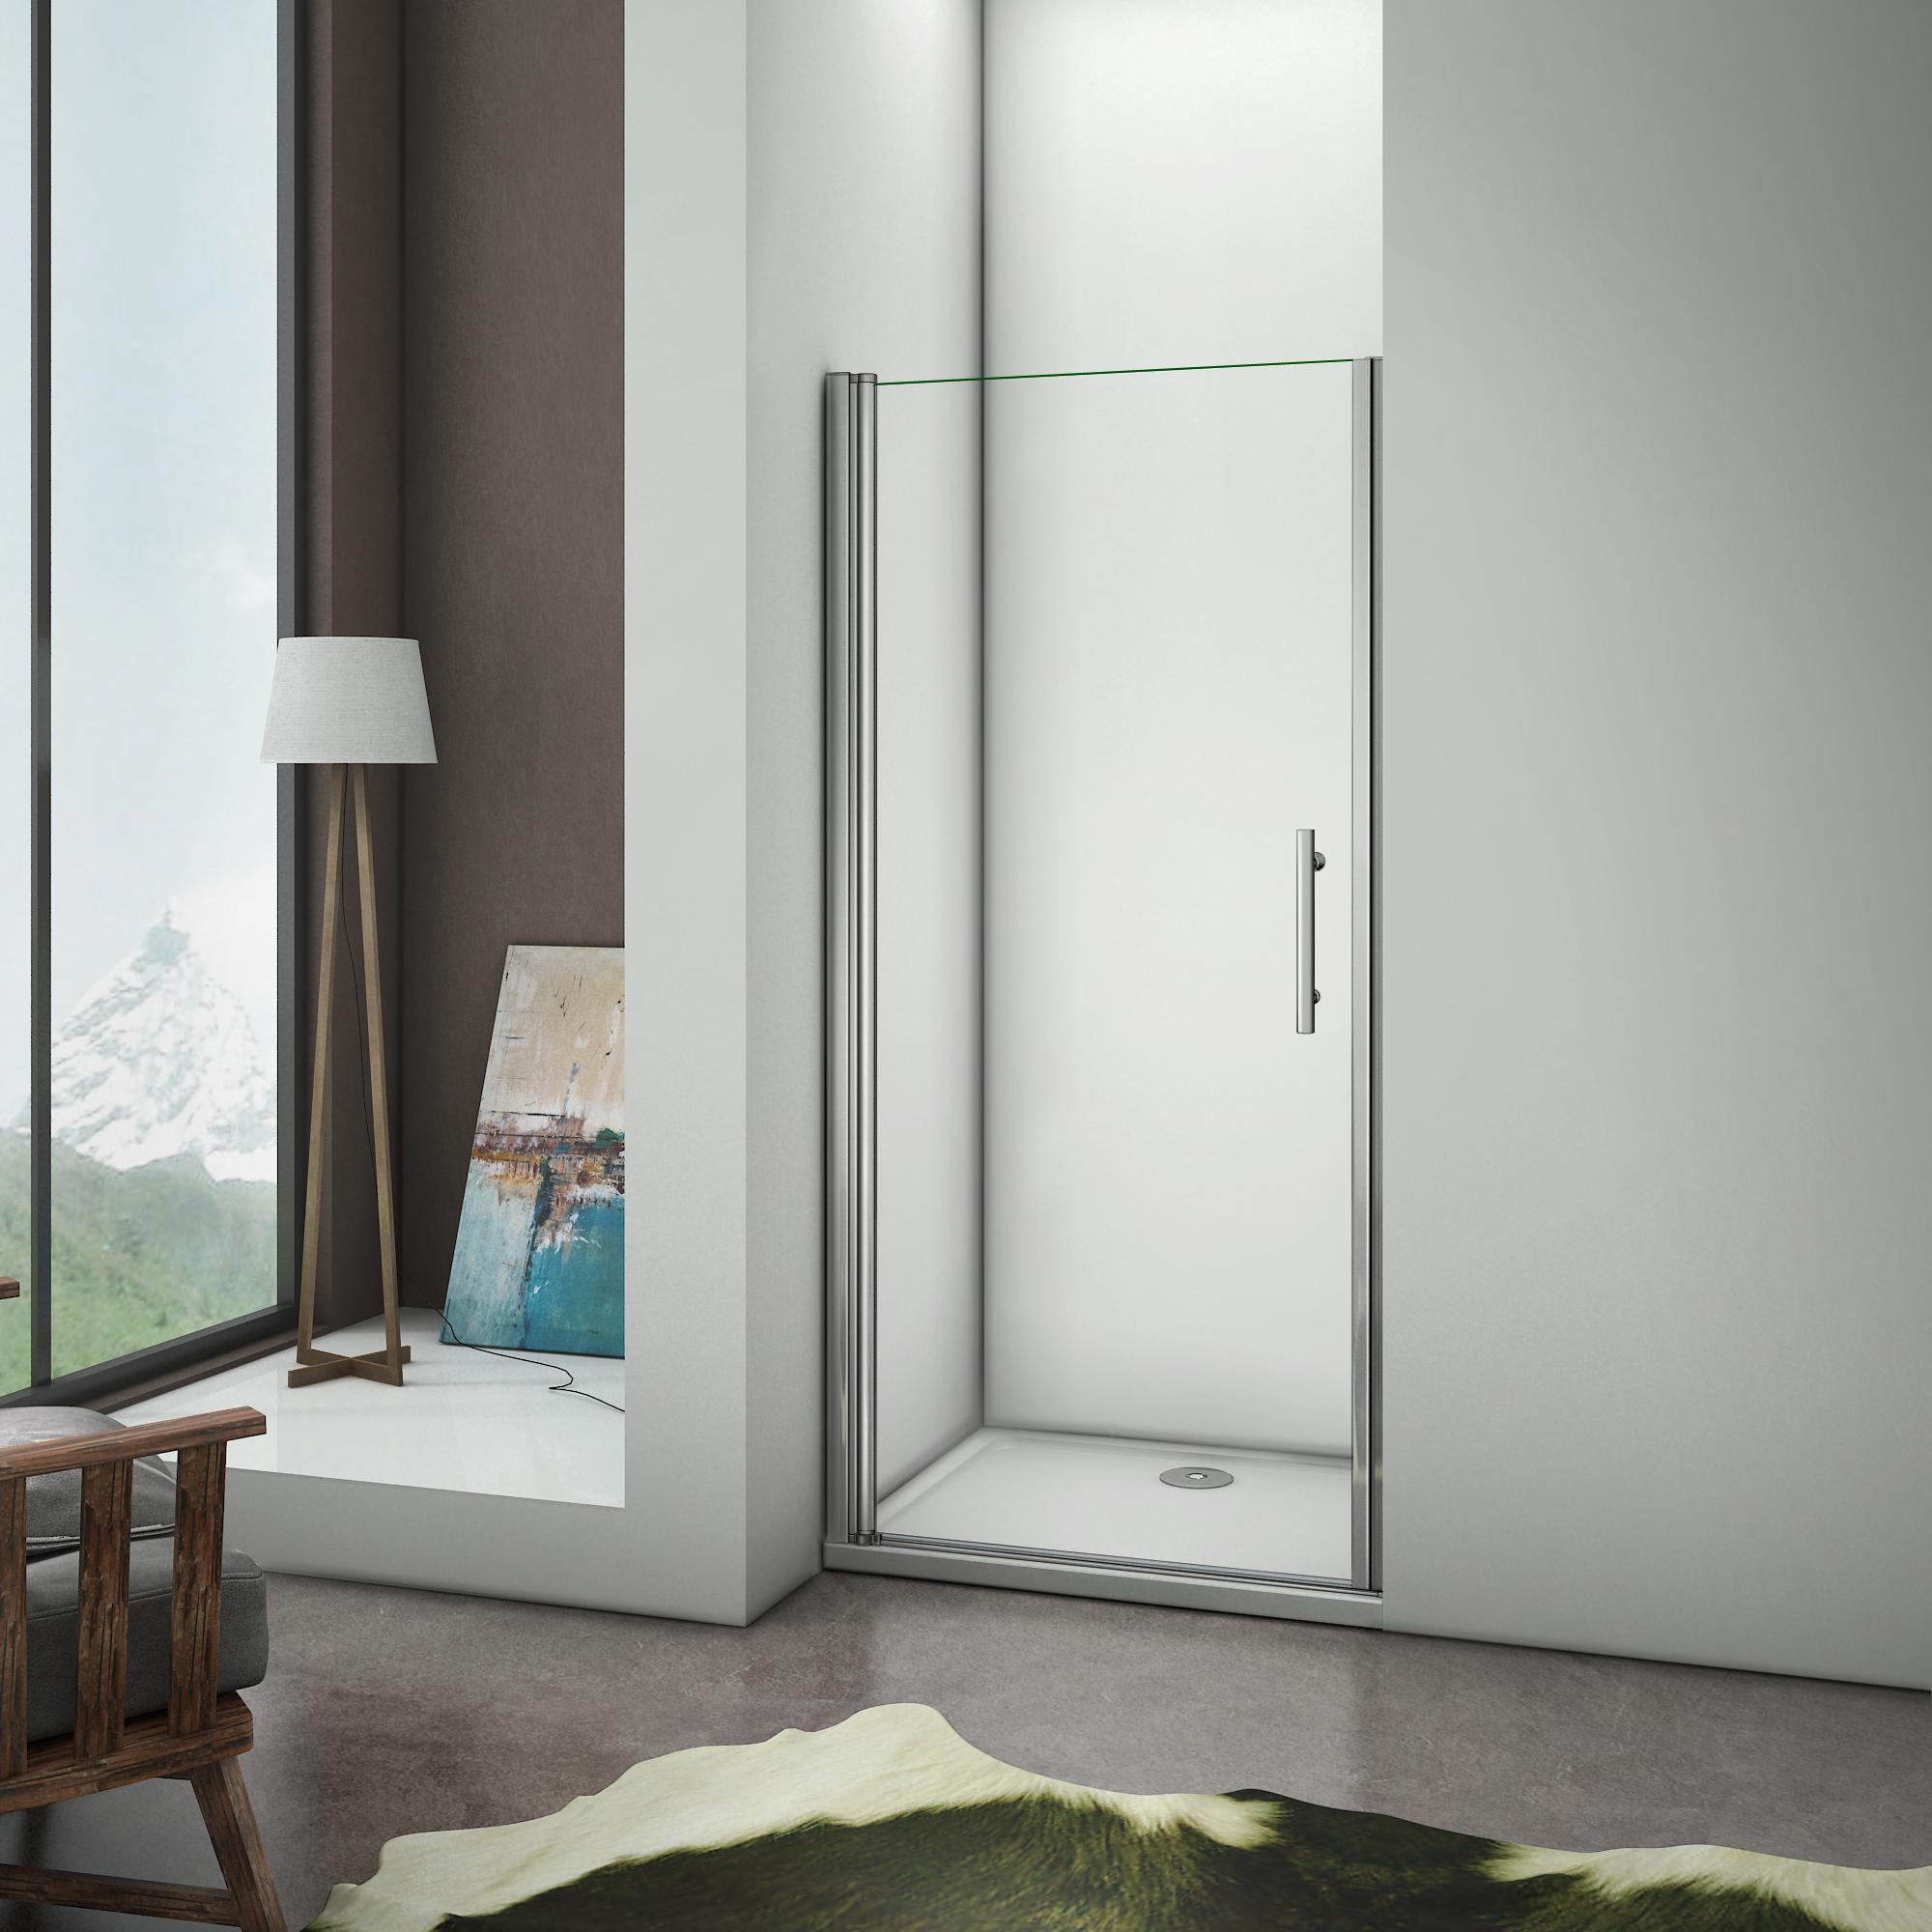 aica porte de douche 76x197cm porte pivotante paroi de douche en niche verre anticalcaire aica. Black Bedroom Furniture Sets. Home Design Ideas